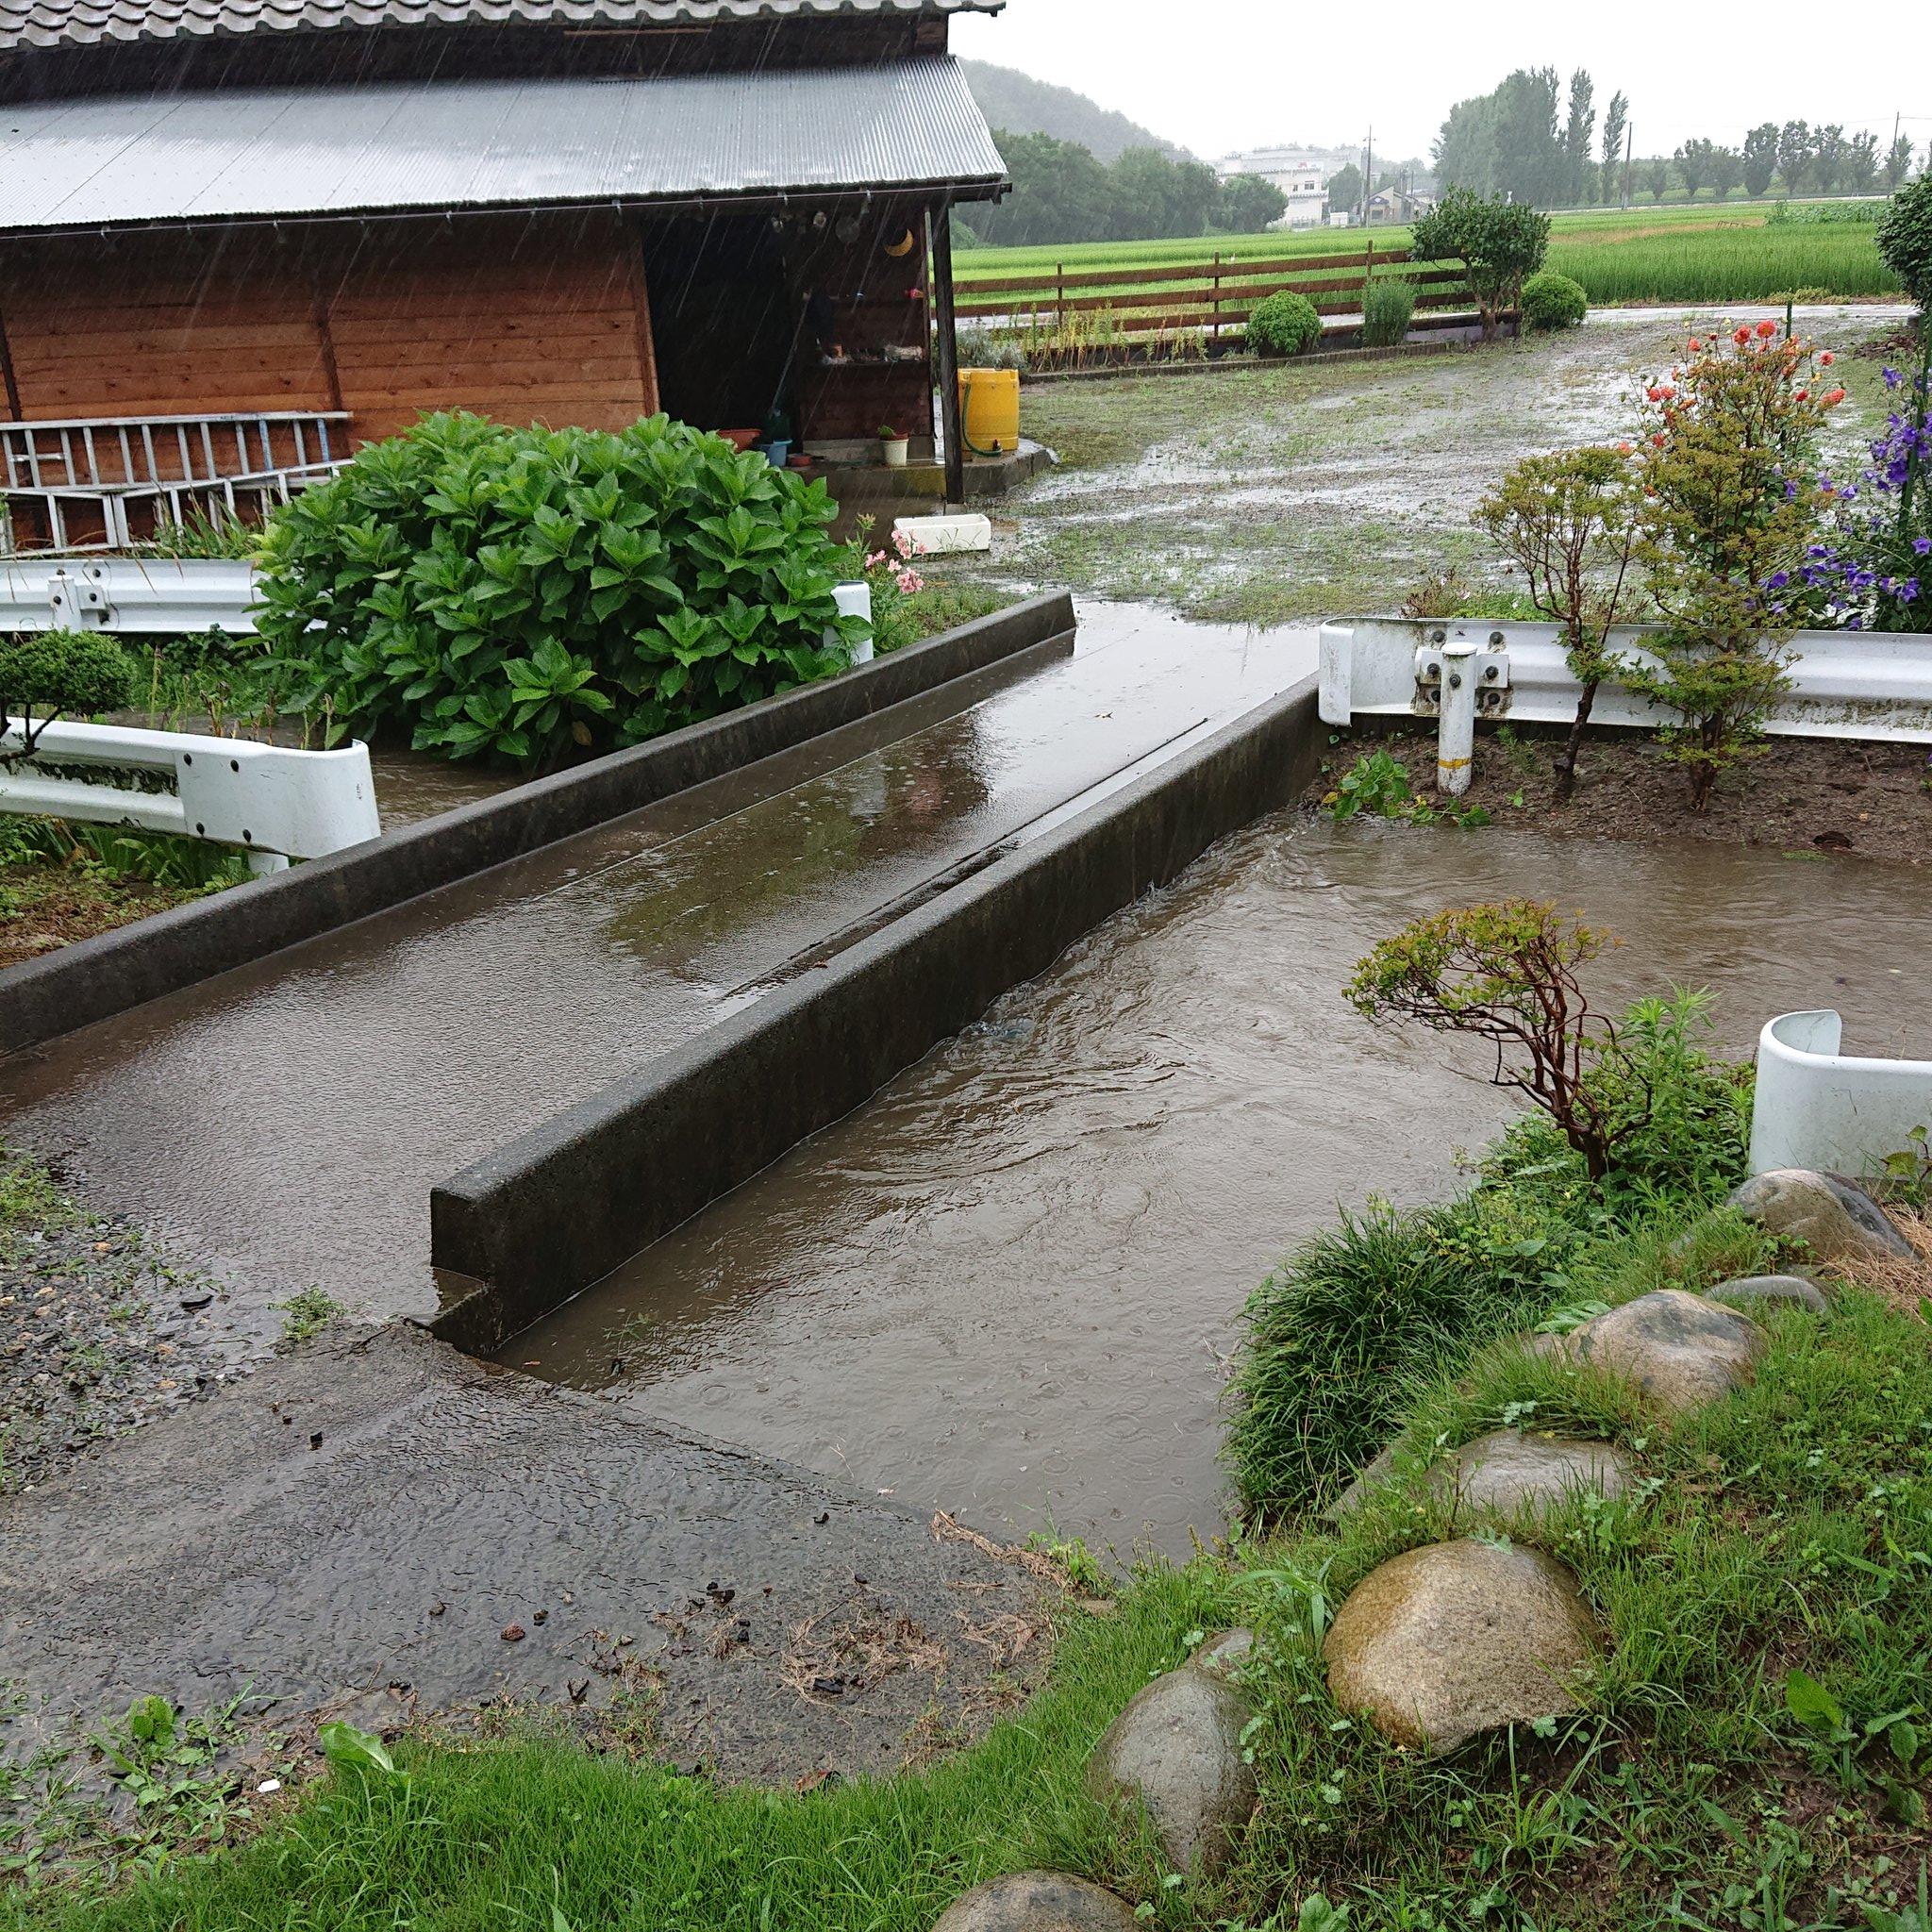 画像,川が溢れそう‼️ #新発田市 #新発田川 https://t.co/Bibo2GVsJB。